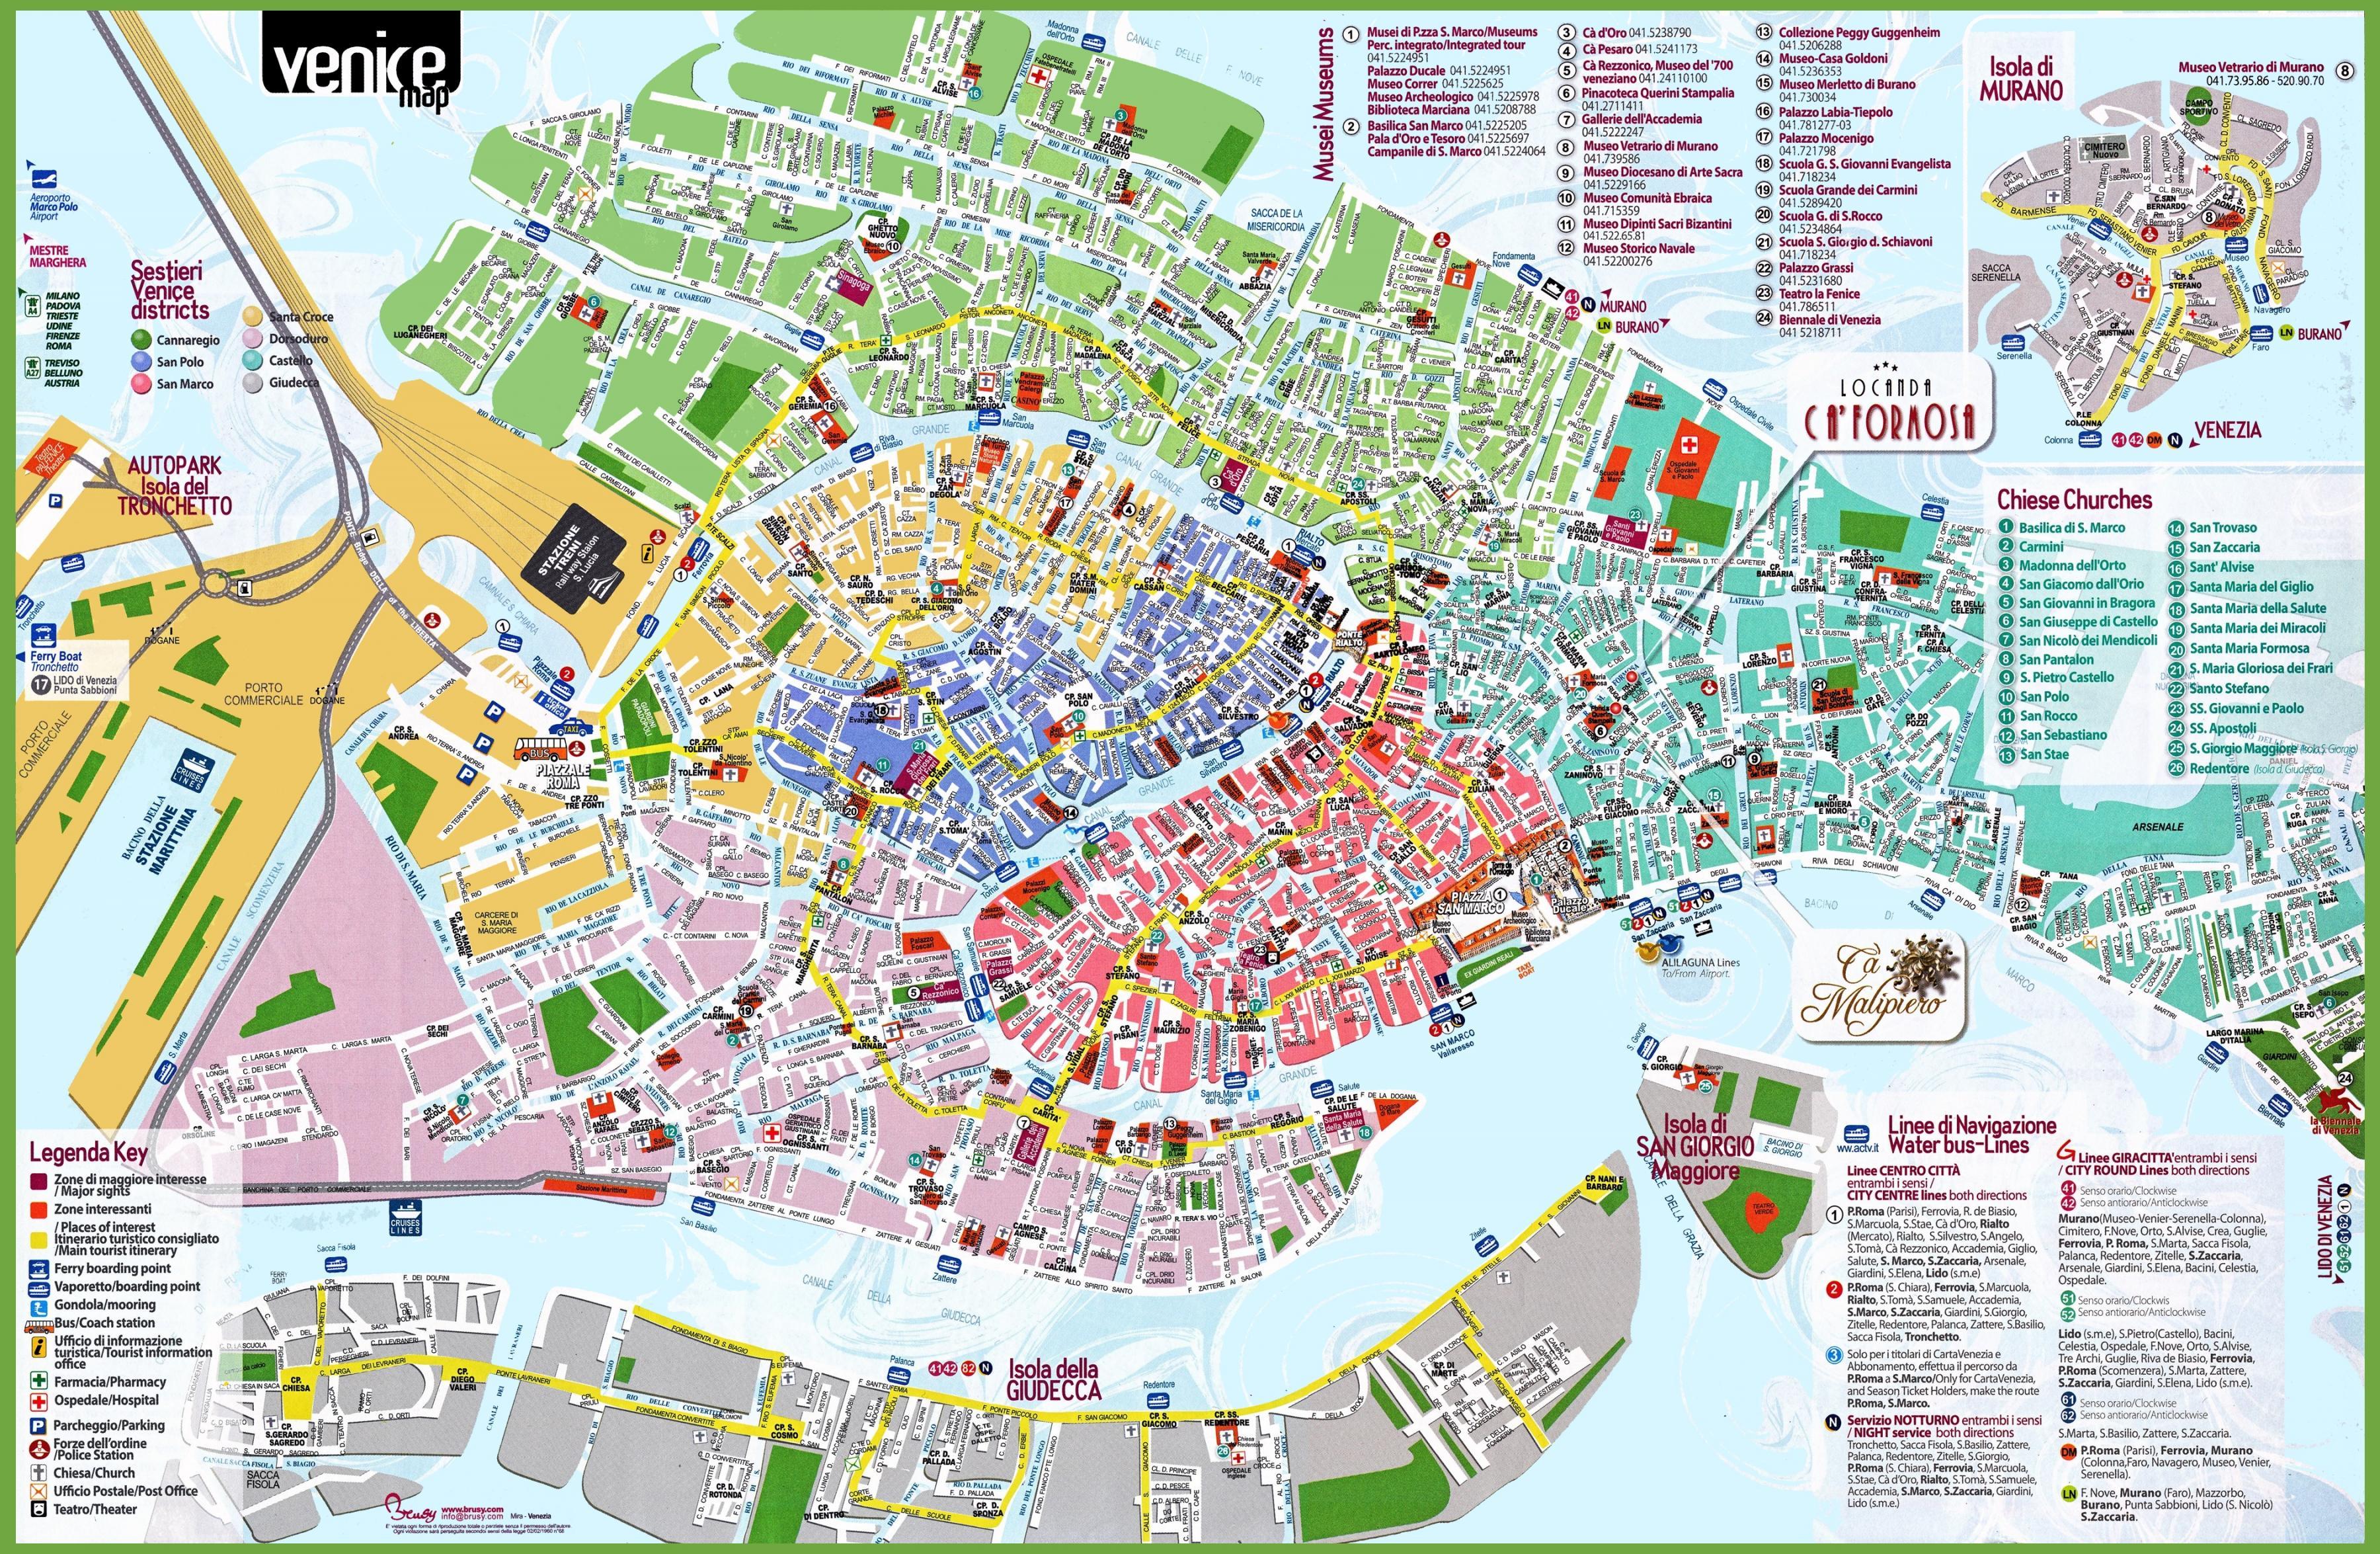 Cartina Turistica Di Venezia.Turistica Di Venezia Mappa Di Venezia Mappa Turistica Italia